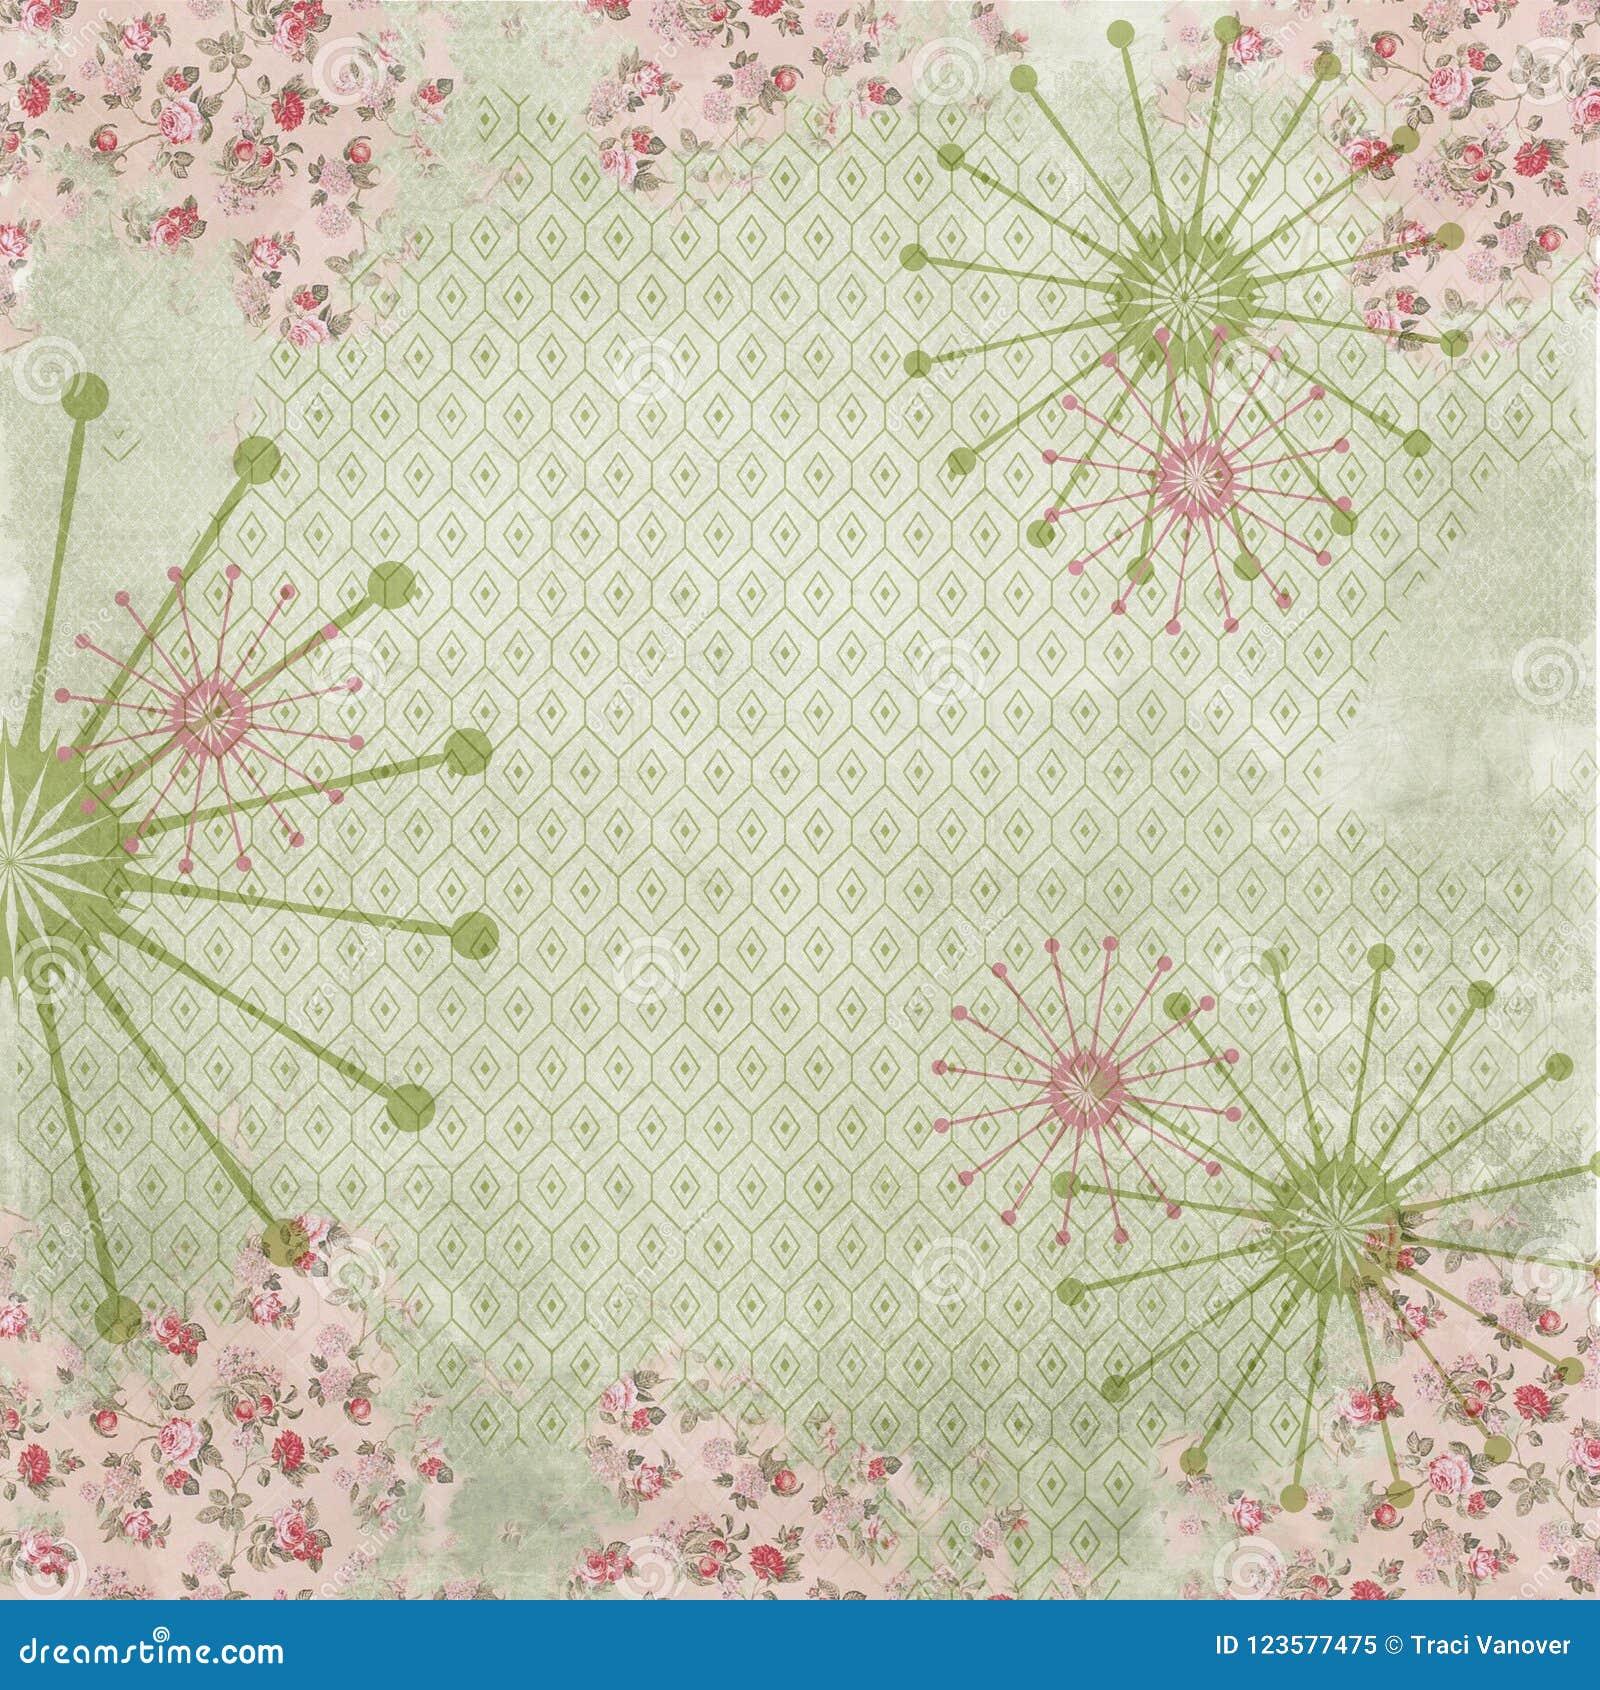 Retro Achtergrond van de Kitschcollage - Retro Bloemencollagedocument - Midden van de eeuwpatroon